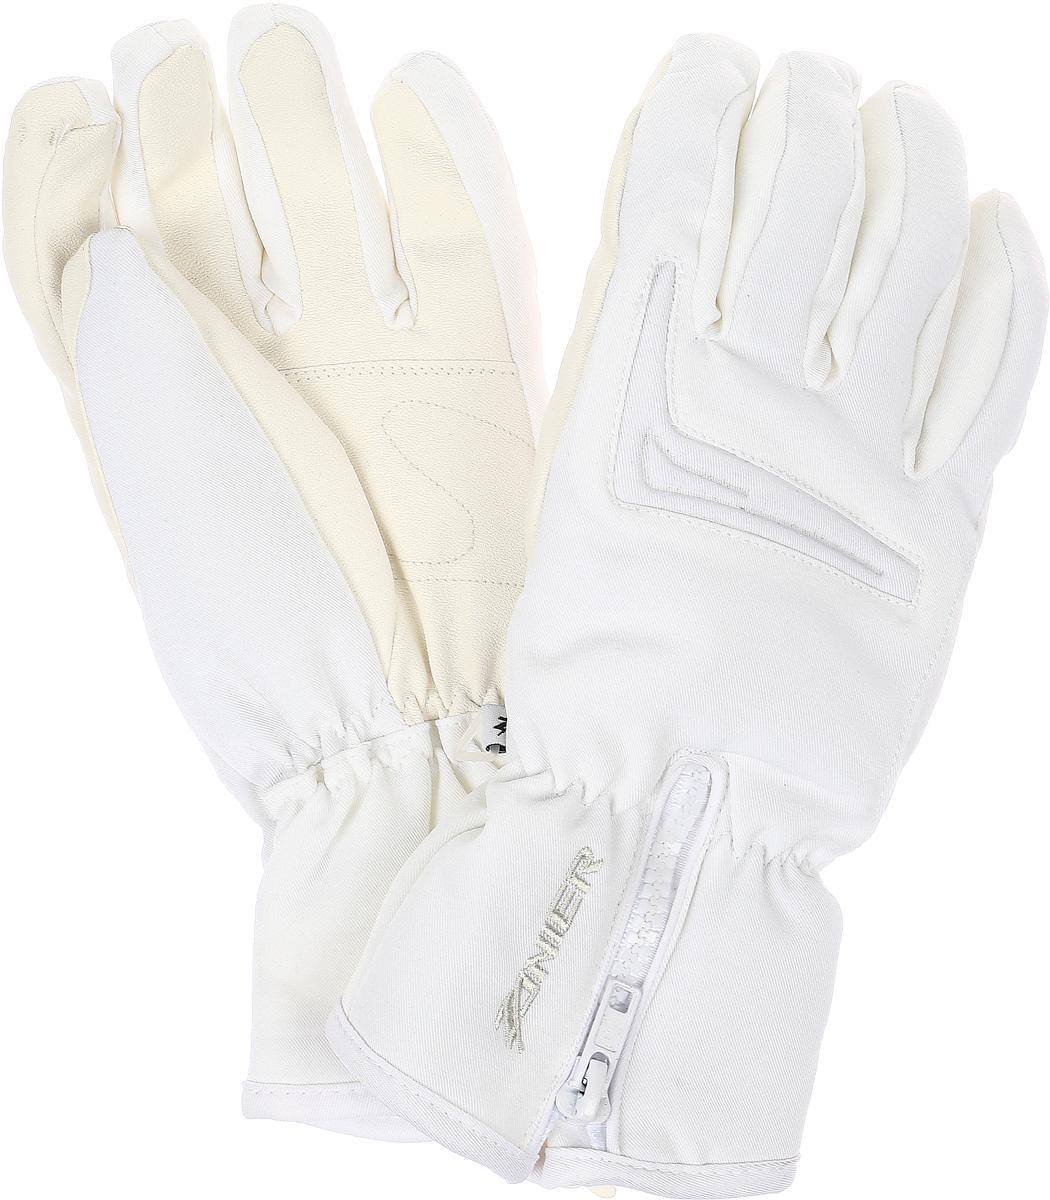 26032Горнолыжные перчатки женские REITH.ZX DA Перчатки предназначены для занятий активными видами спорта и для носки в городе в холодную погоду. - Анатомический крой - Усиление большого пальца - Резинка по запястью - Регулировка по манжету на молнии - Мембрана обеспечивает защиту от намокания, отведение влаги и сохраняет руки сухими и теплыми во время занятий спортом Австрийская компания ZANIER производит аксессуары для активных видов спорта более 30 лет и на сегодняшний день является лидером продаж на Австрийском рынке и входит в четверку сильнейших производителей Европы. Перчатки ZANIER надежны, разработаны и протестированы в горах профессиональными спортсменами. Компания является официальным поставщиком сборной команды Австрии по сноуборду.